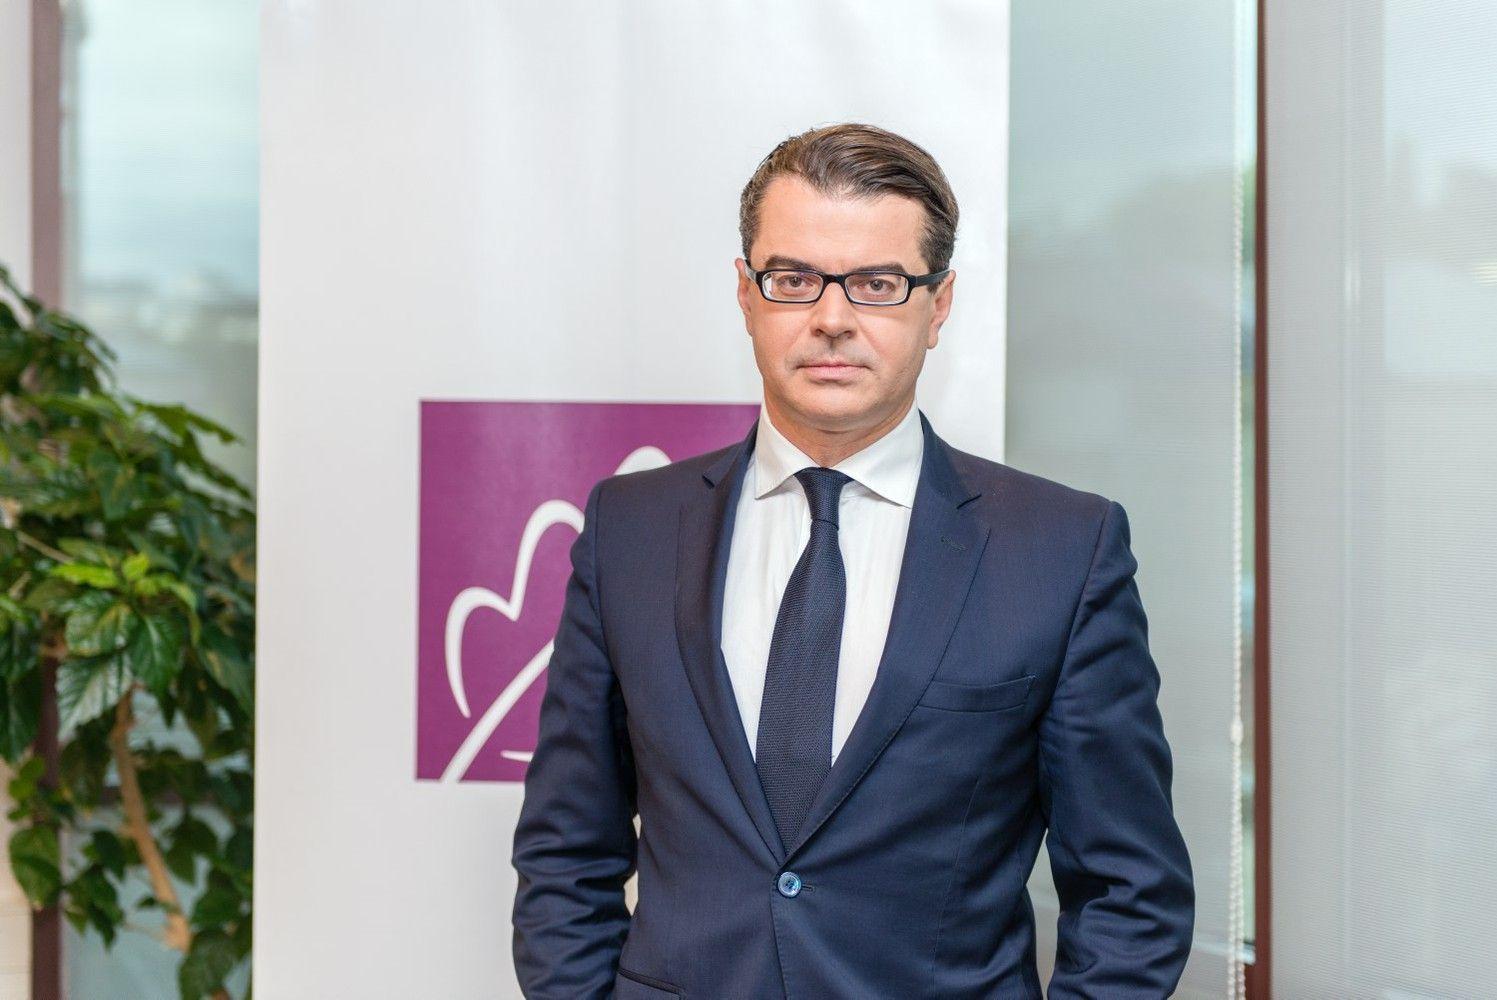 Lietuvos vežėjams - Europos Sąjungos išbandymas Mobilumo paketu